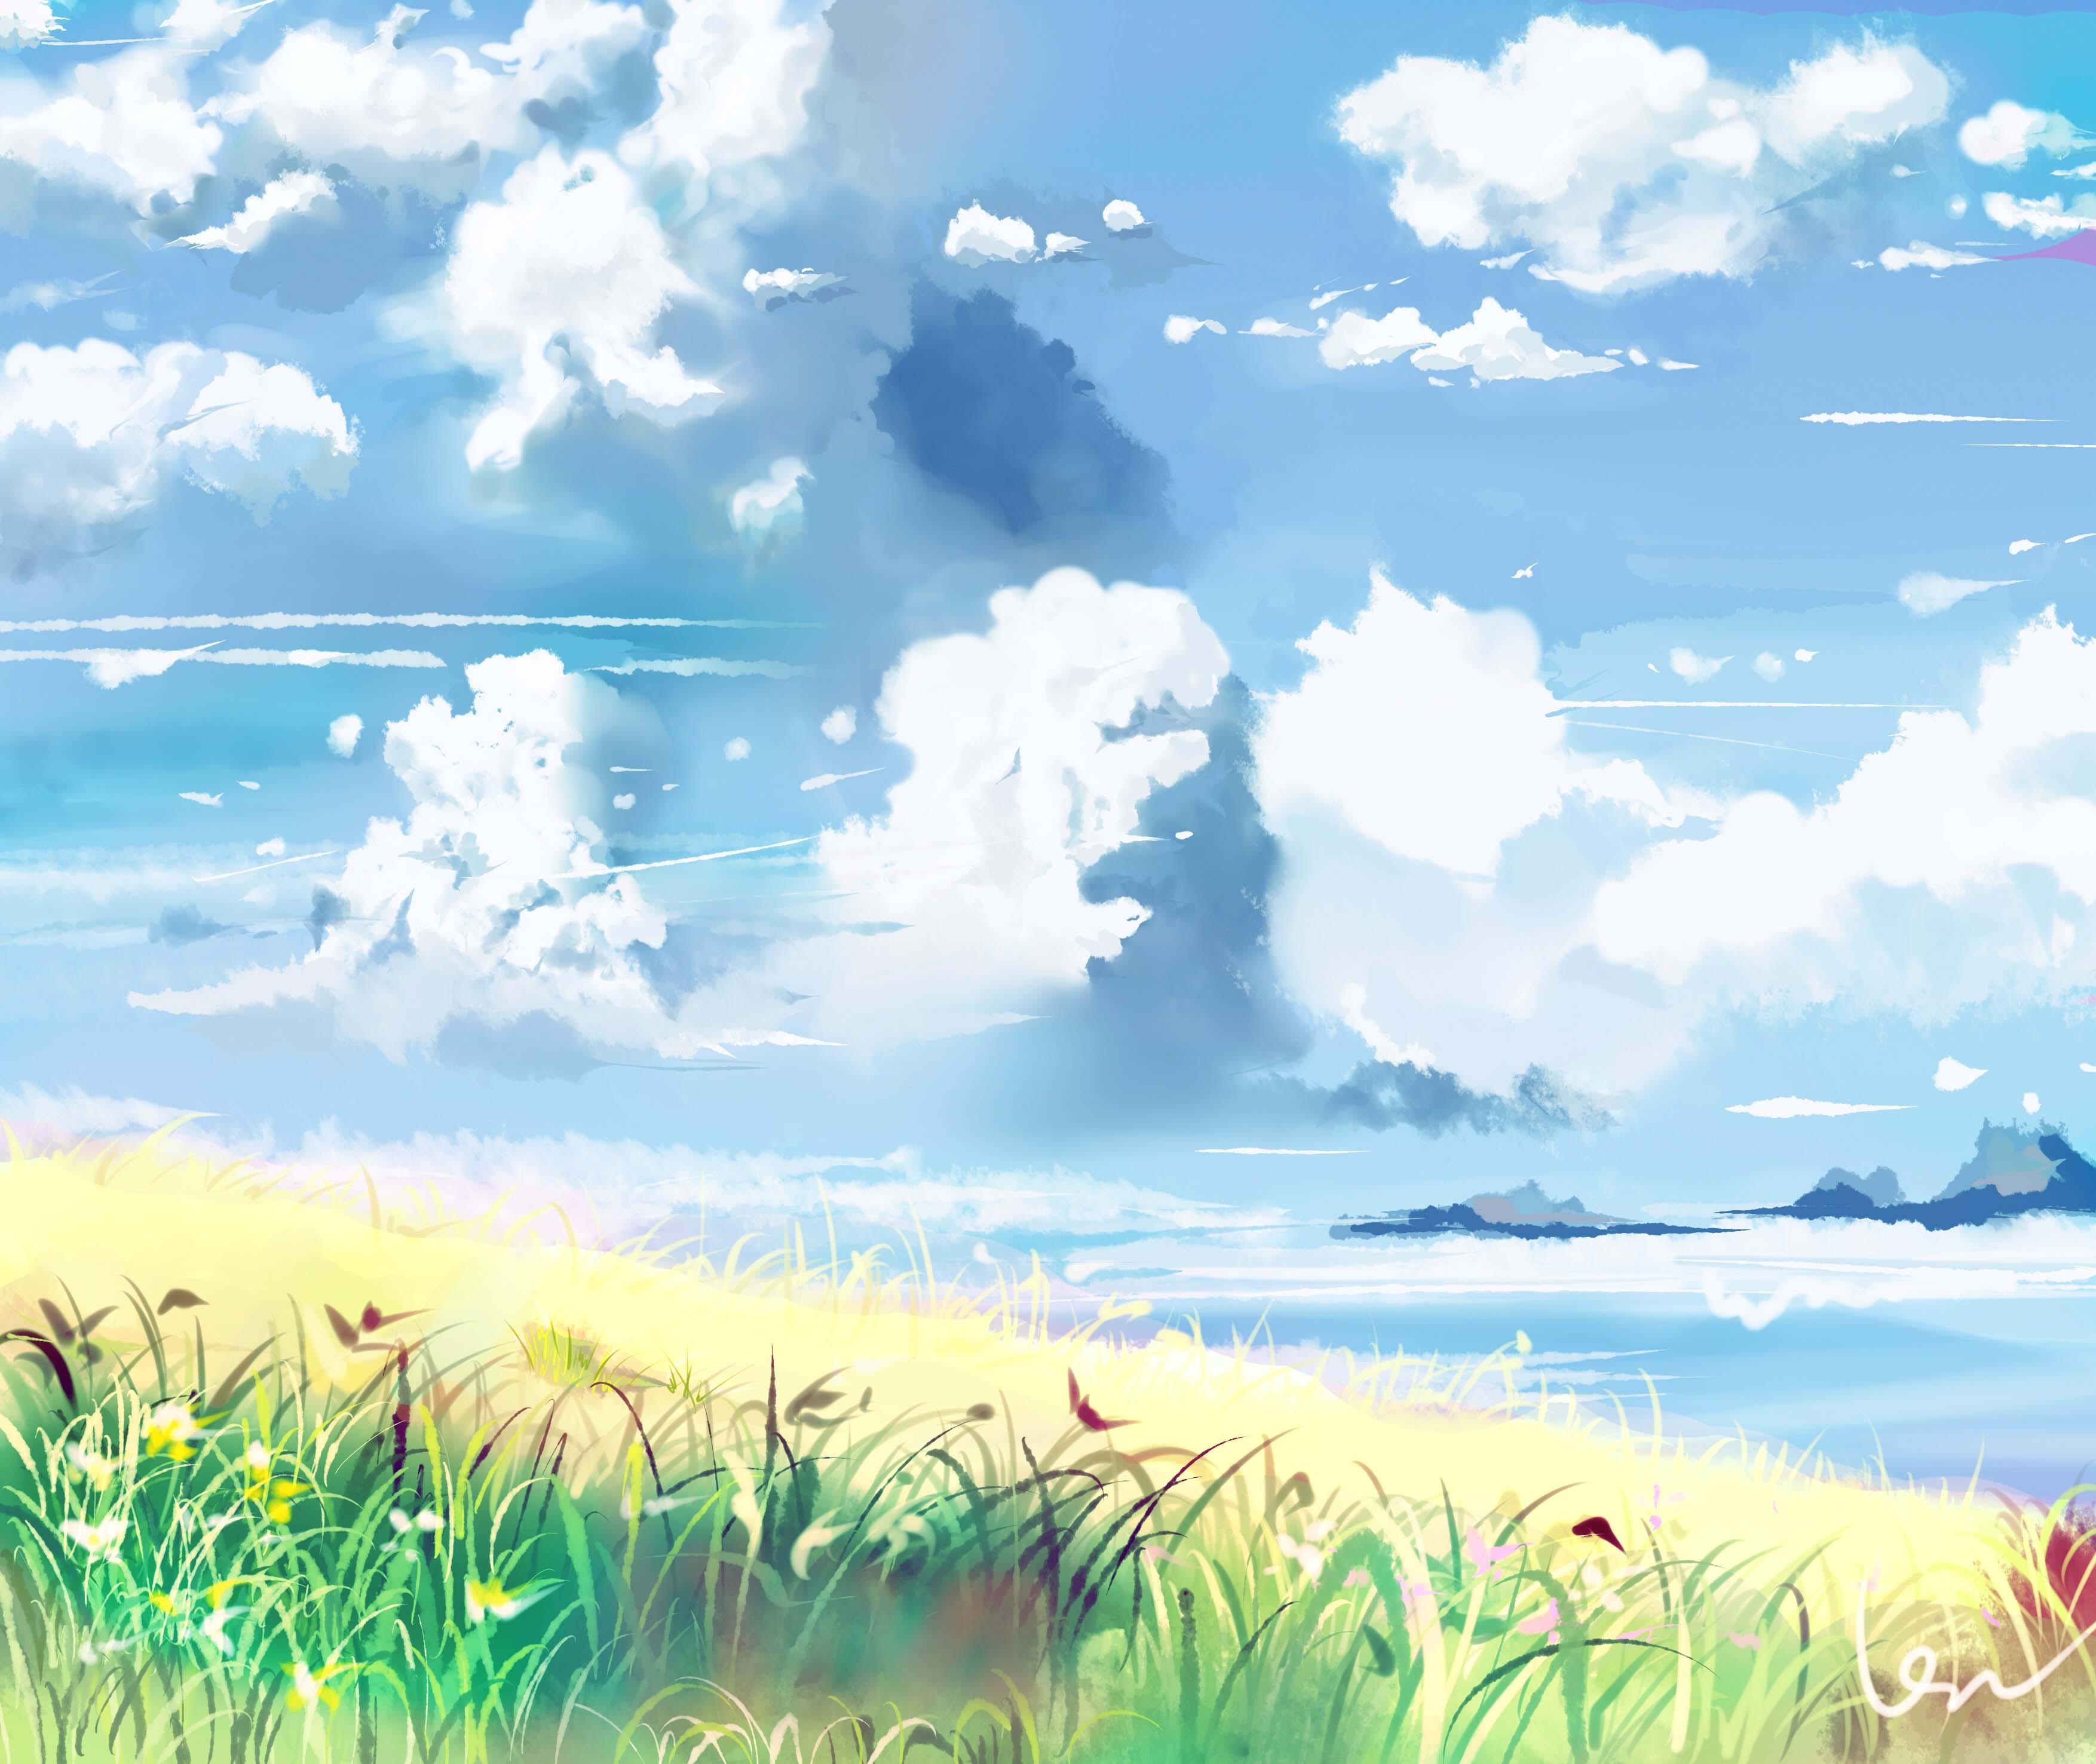 背景 壁纸 风景 设计 矢量 矢量图 素材 天空 桌面 3508_2953